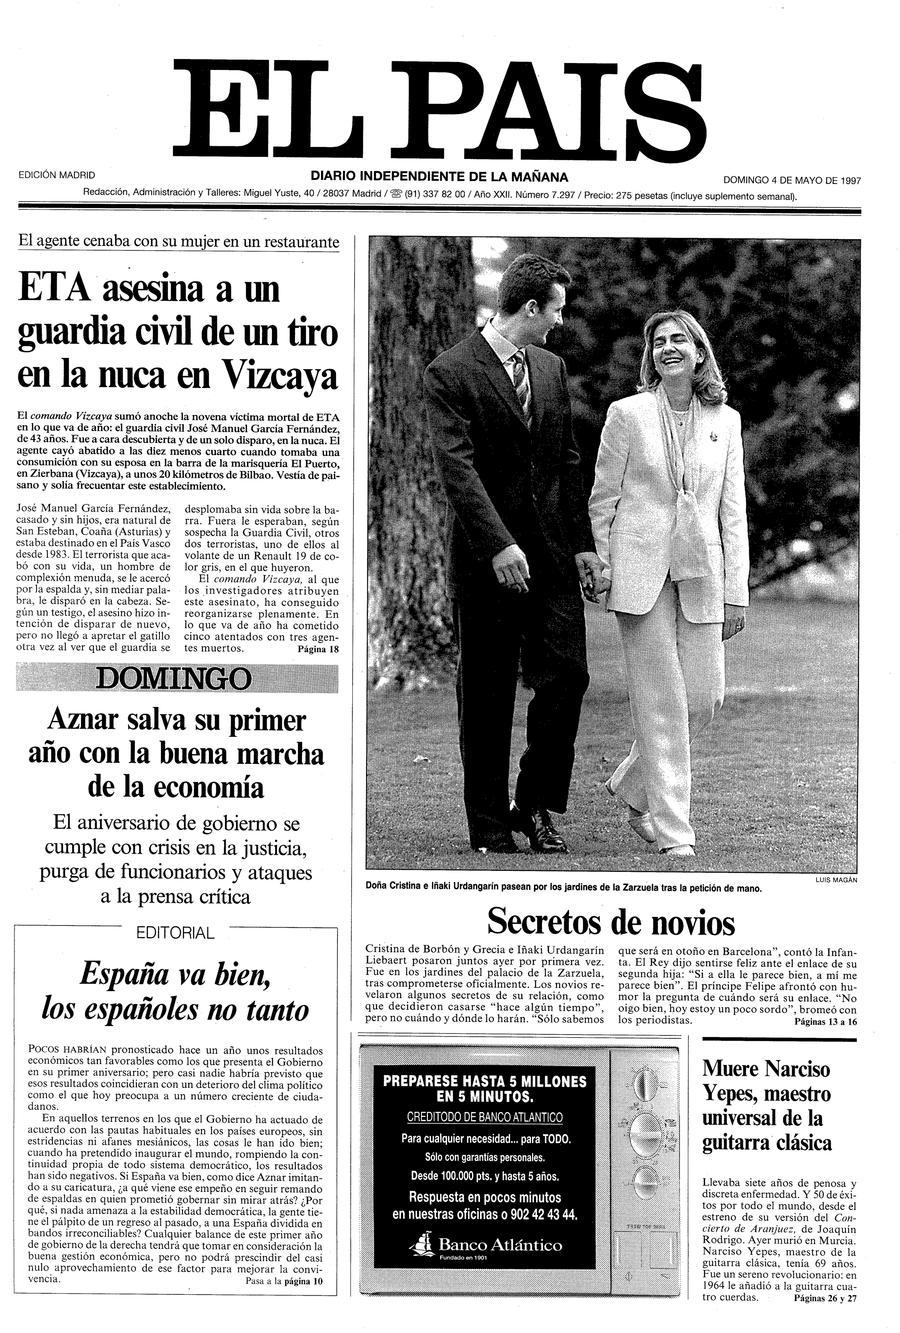 4 de Mayo de 1997